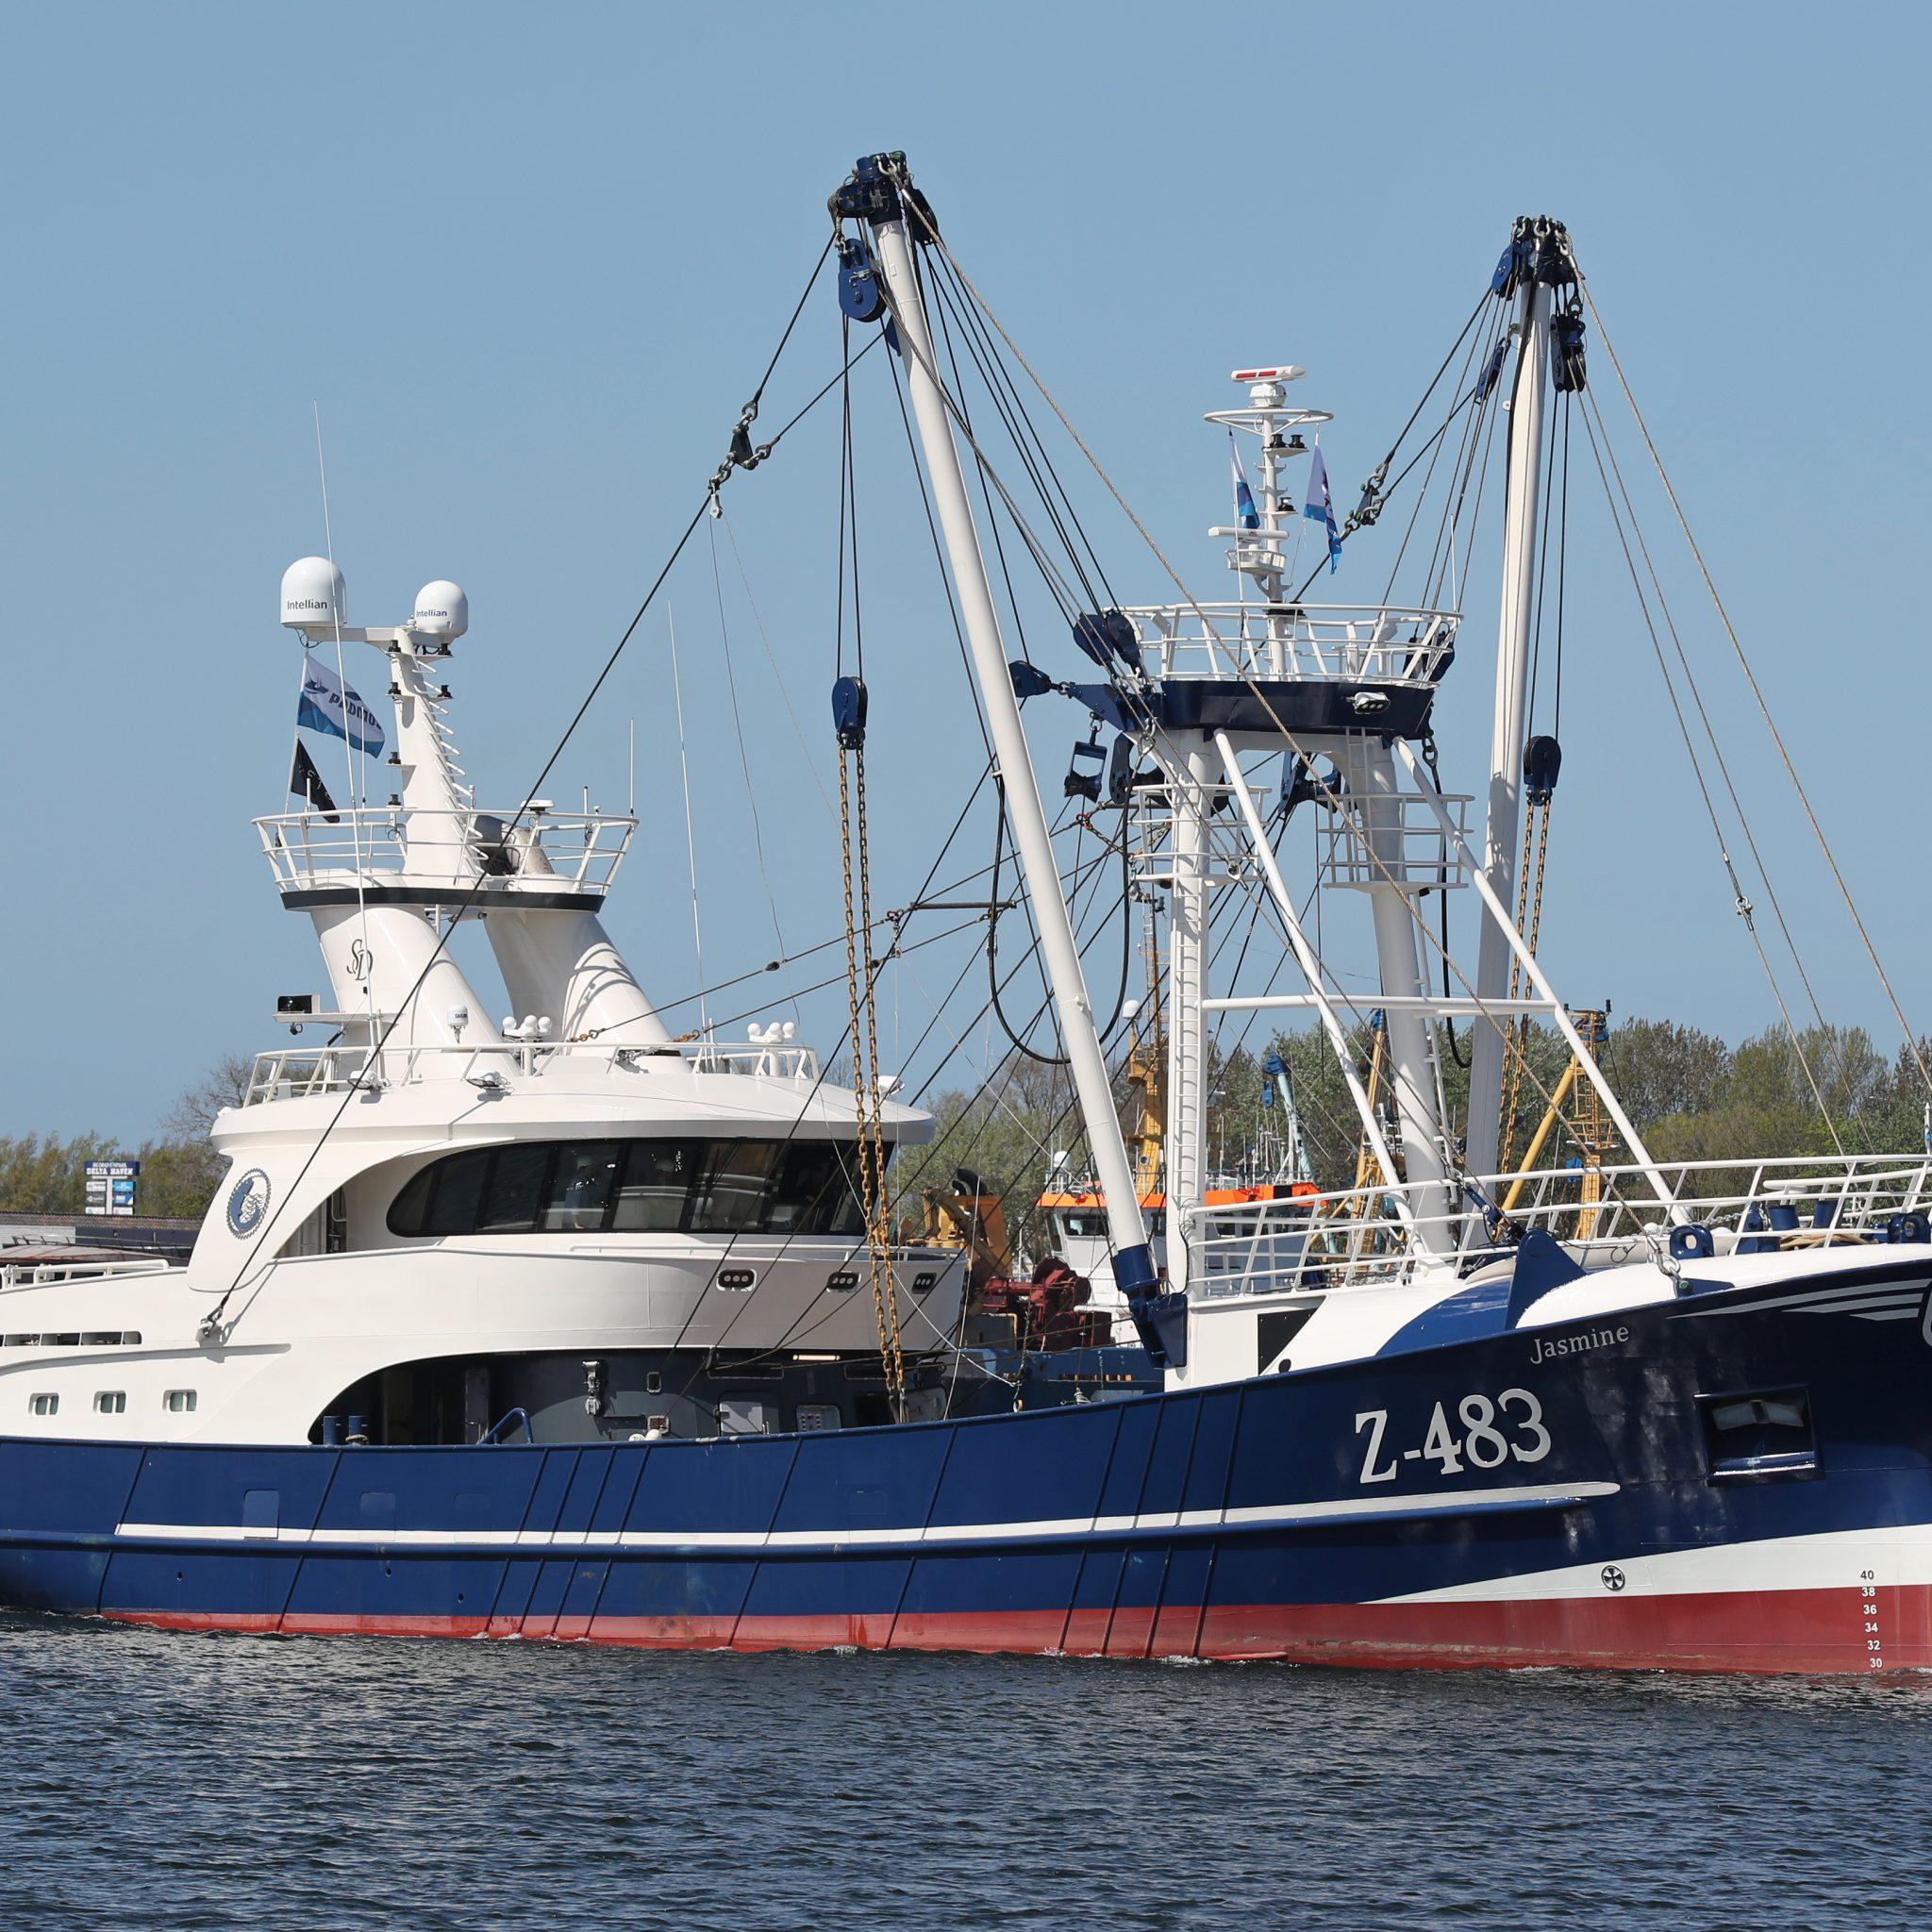 De Z-483 vaart het Haringvliet op voor de proefvaart. (Foto Bram Pronk)